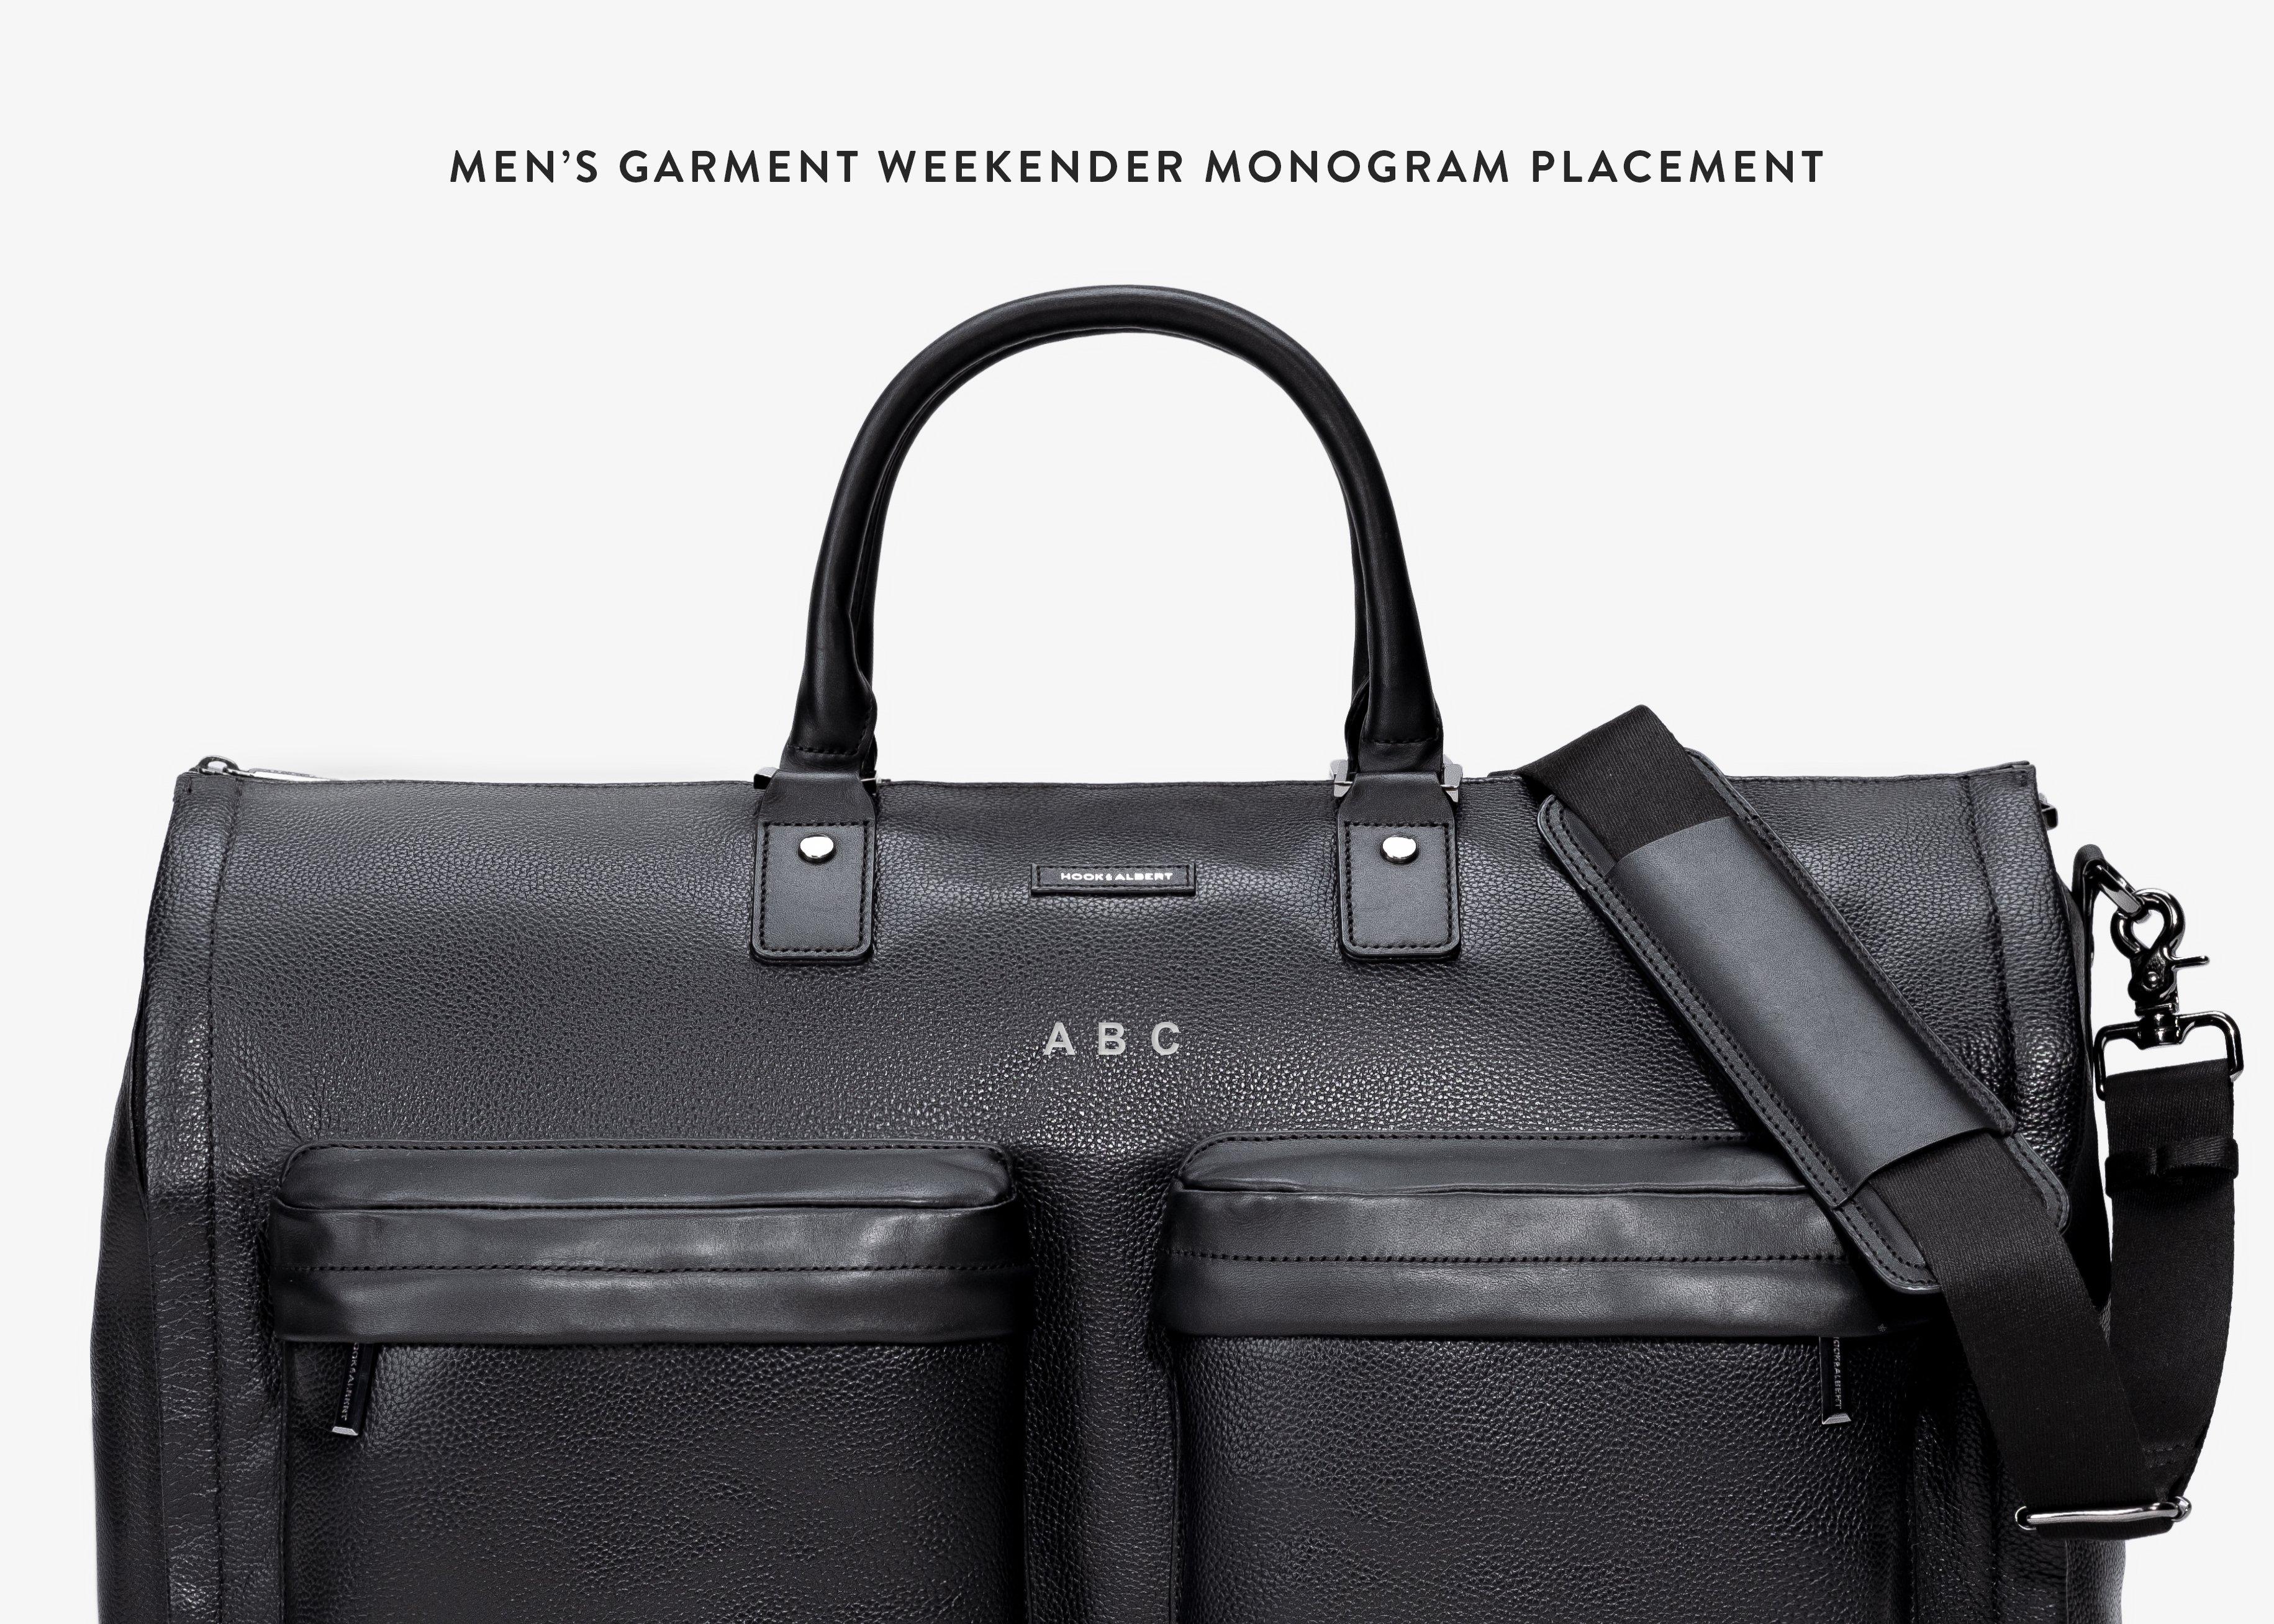 67756b427 Men's Brown Leather Garment Weekender Bag – HOOK & ALBERT